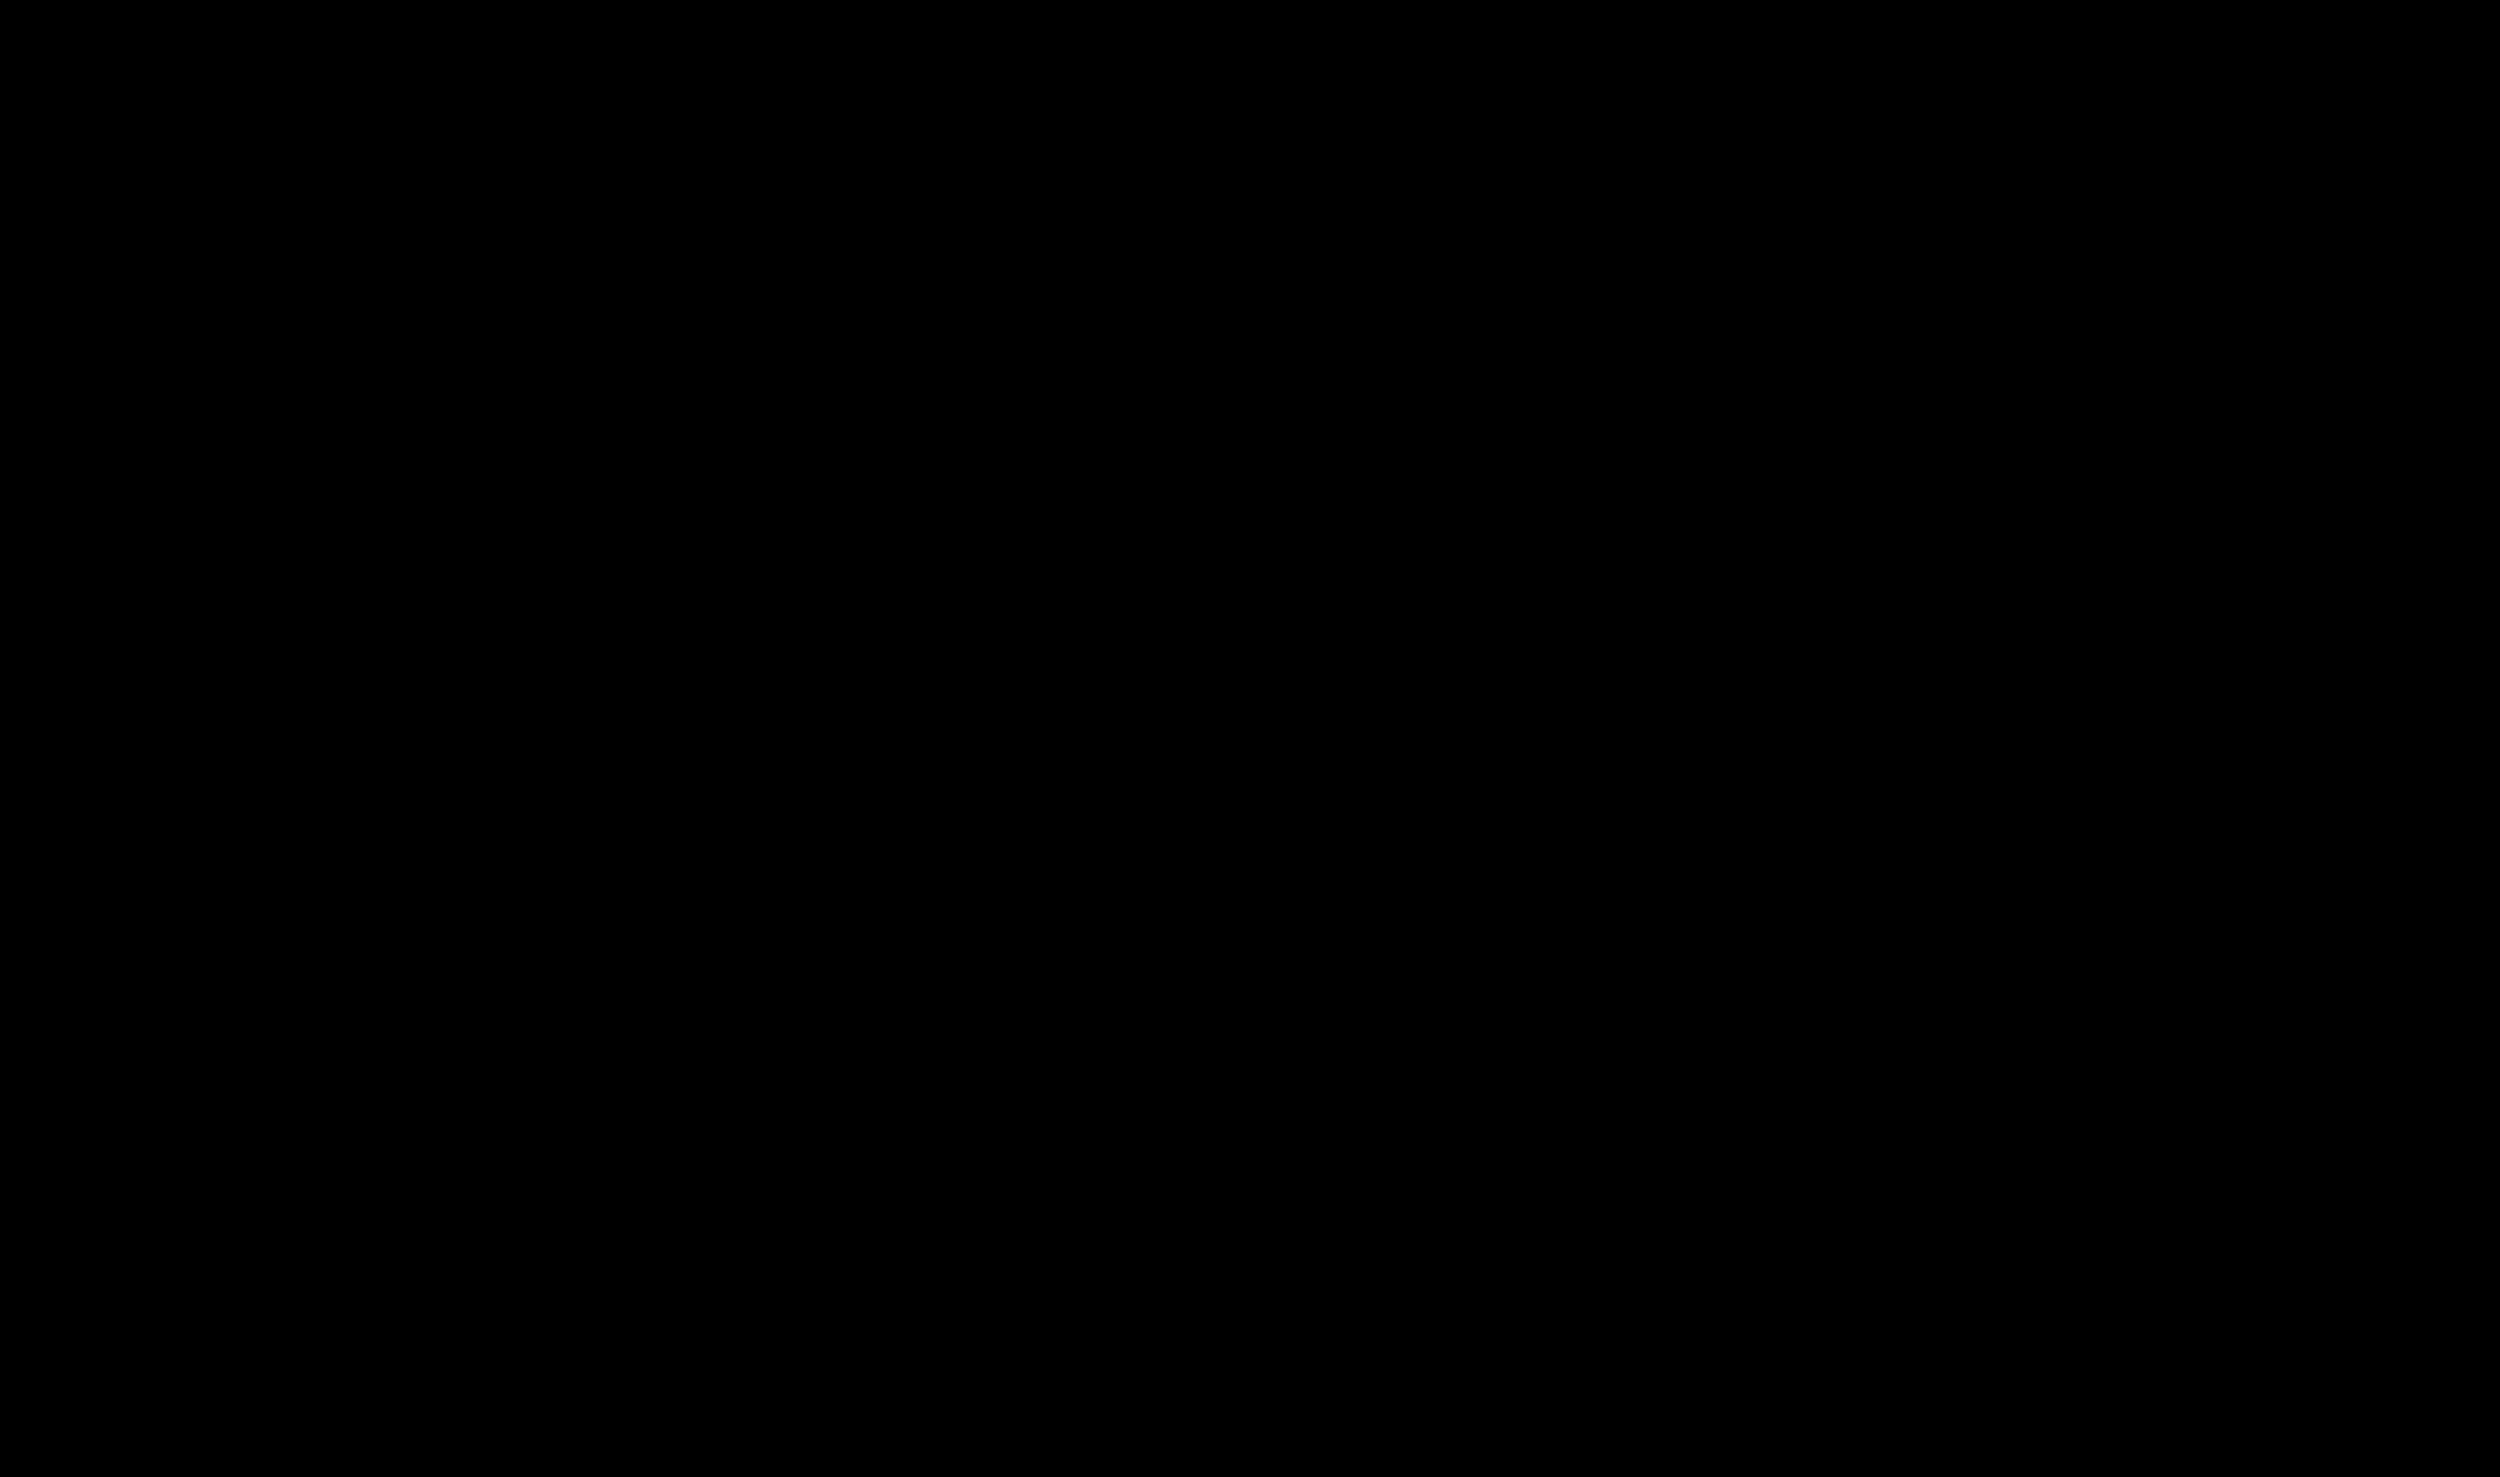 NFF%20LOGO%20CMYK-Zwart.png